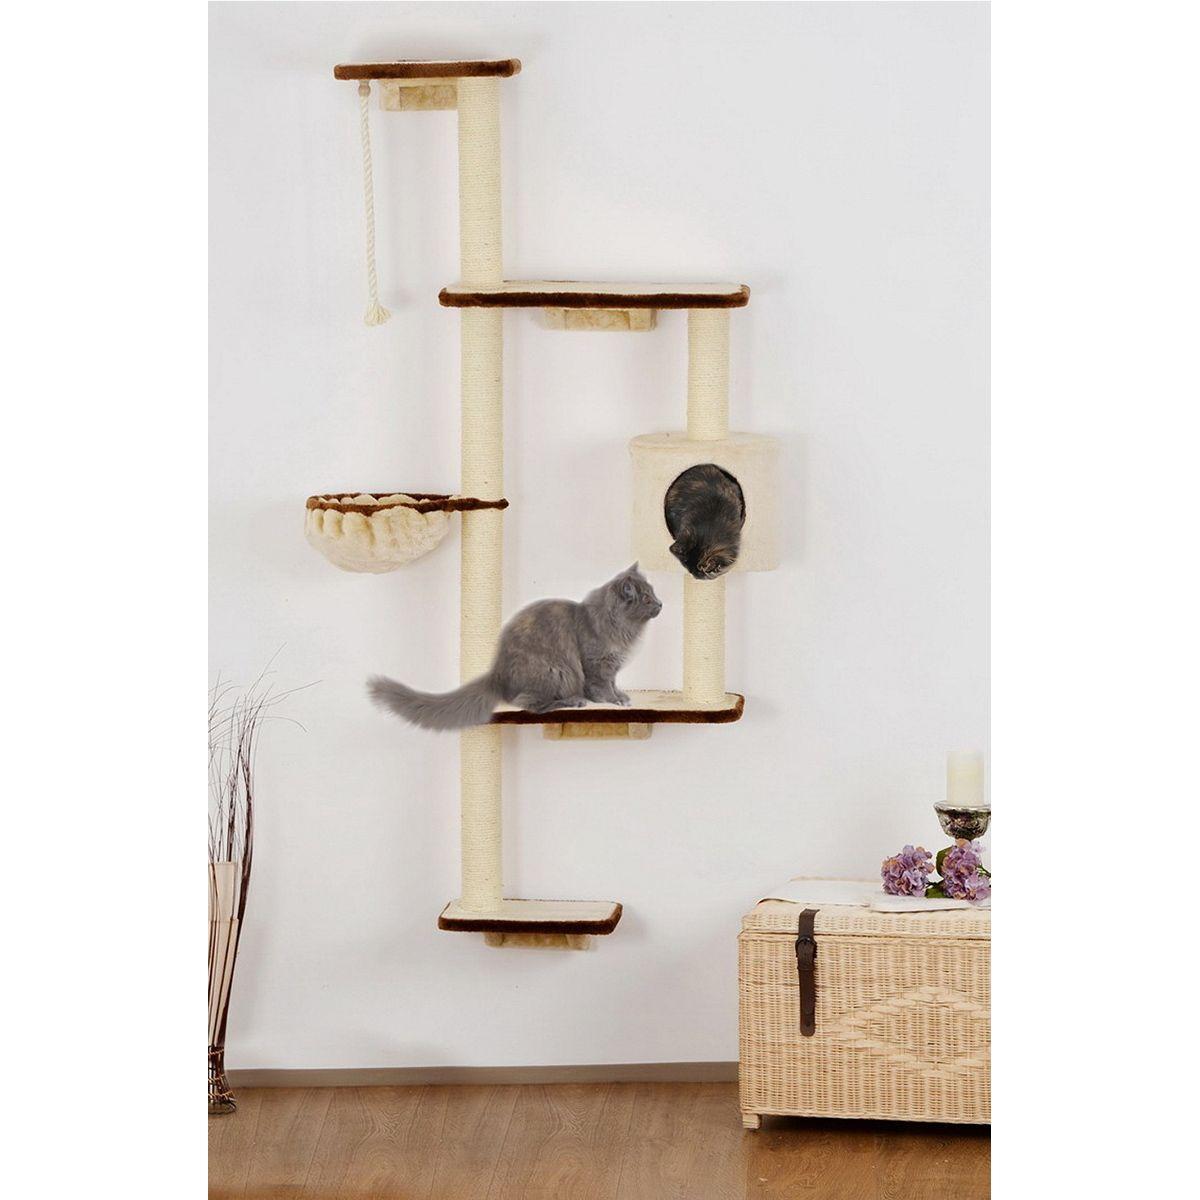 ein kratzbaum zur befestigung an der wand rauf und runter kann katze hier toben ohne dass der. Black Bedroom Furniture Sets. Home Design Ideas